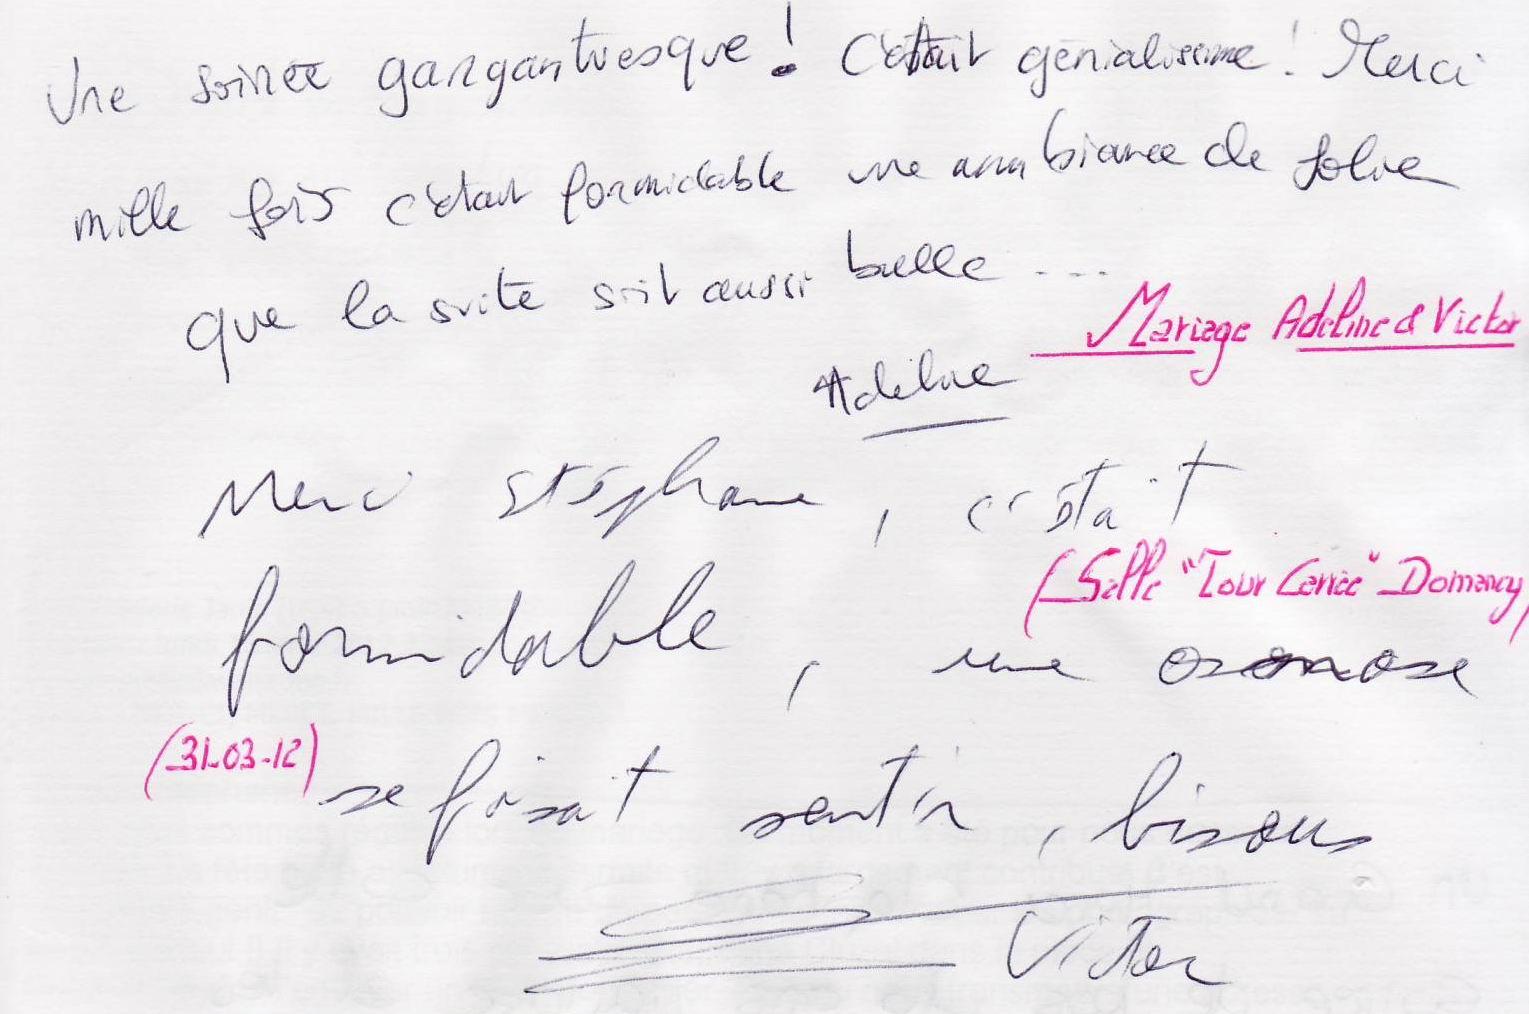 Mariage_LAPRAS_Victor_&_Adeline_(Tour_carrée_Domancy)_(31-03-2012)